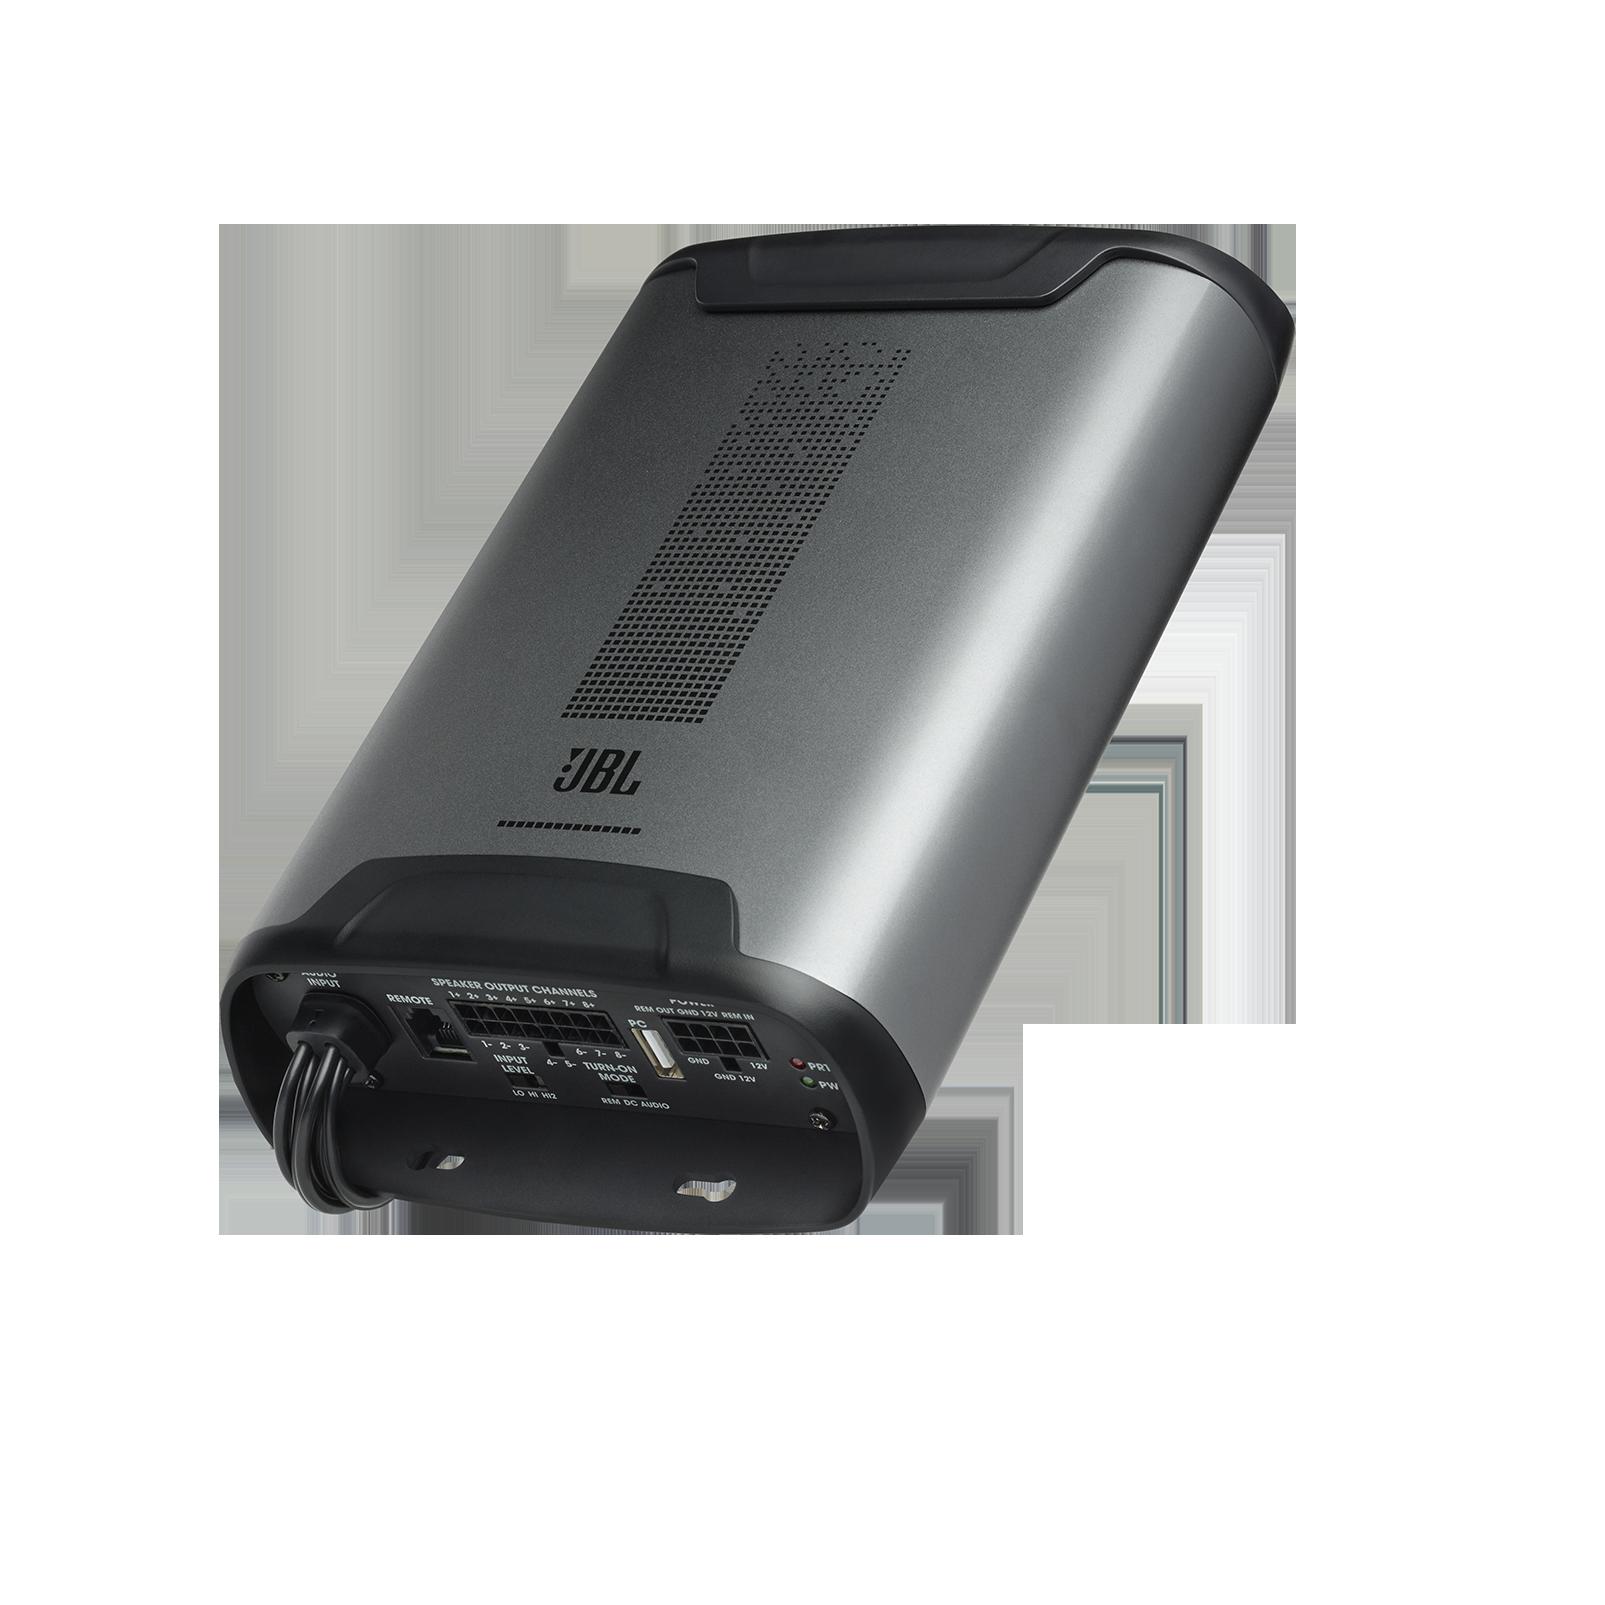 JBL DSP Amplifier DSP4086 - Black - Detailshot 4